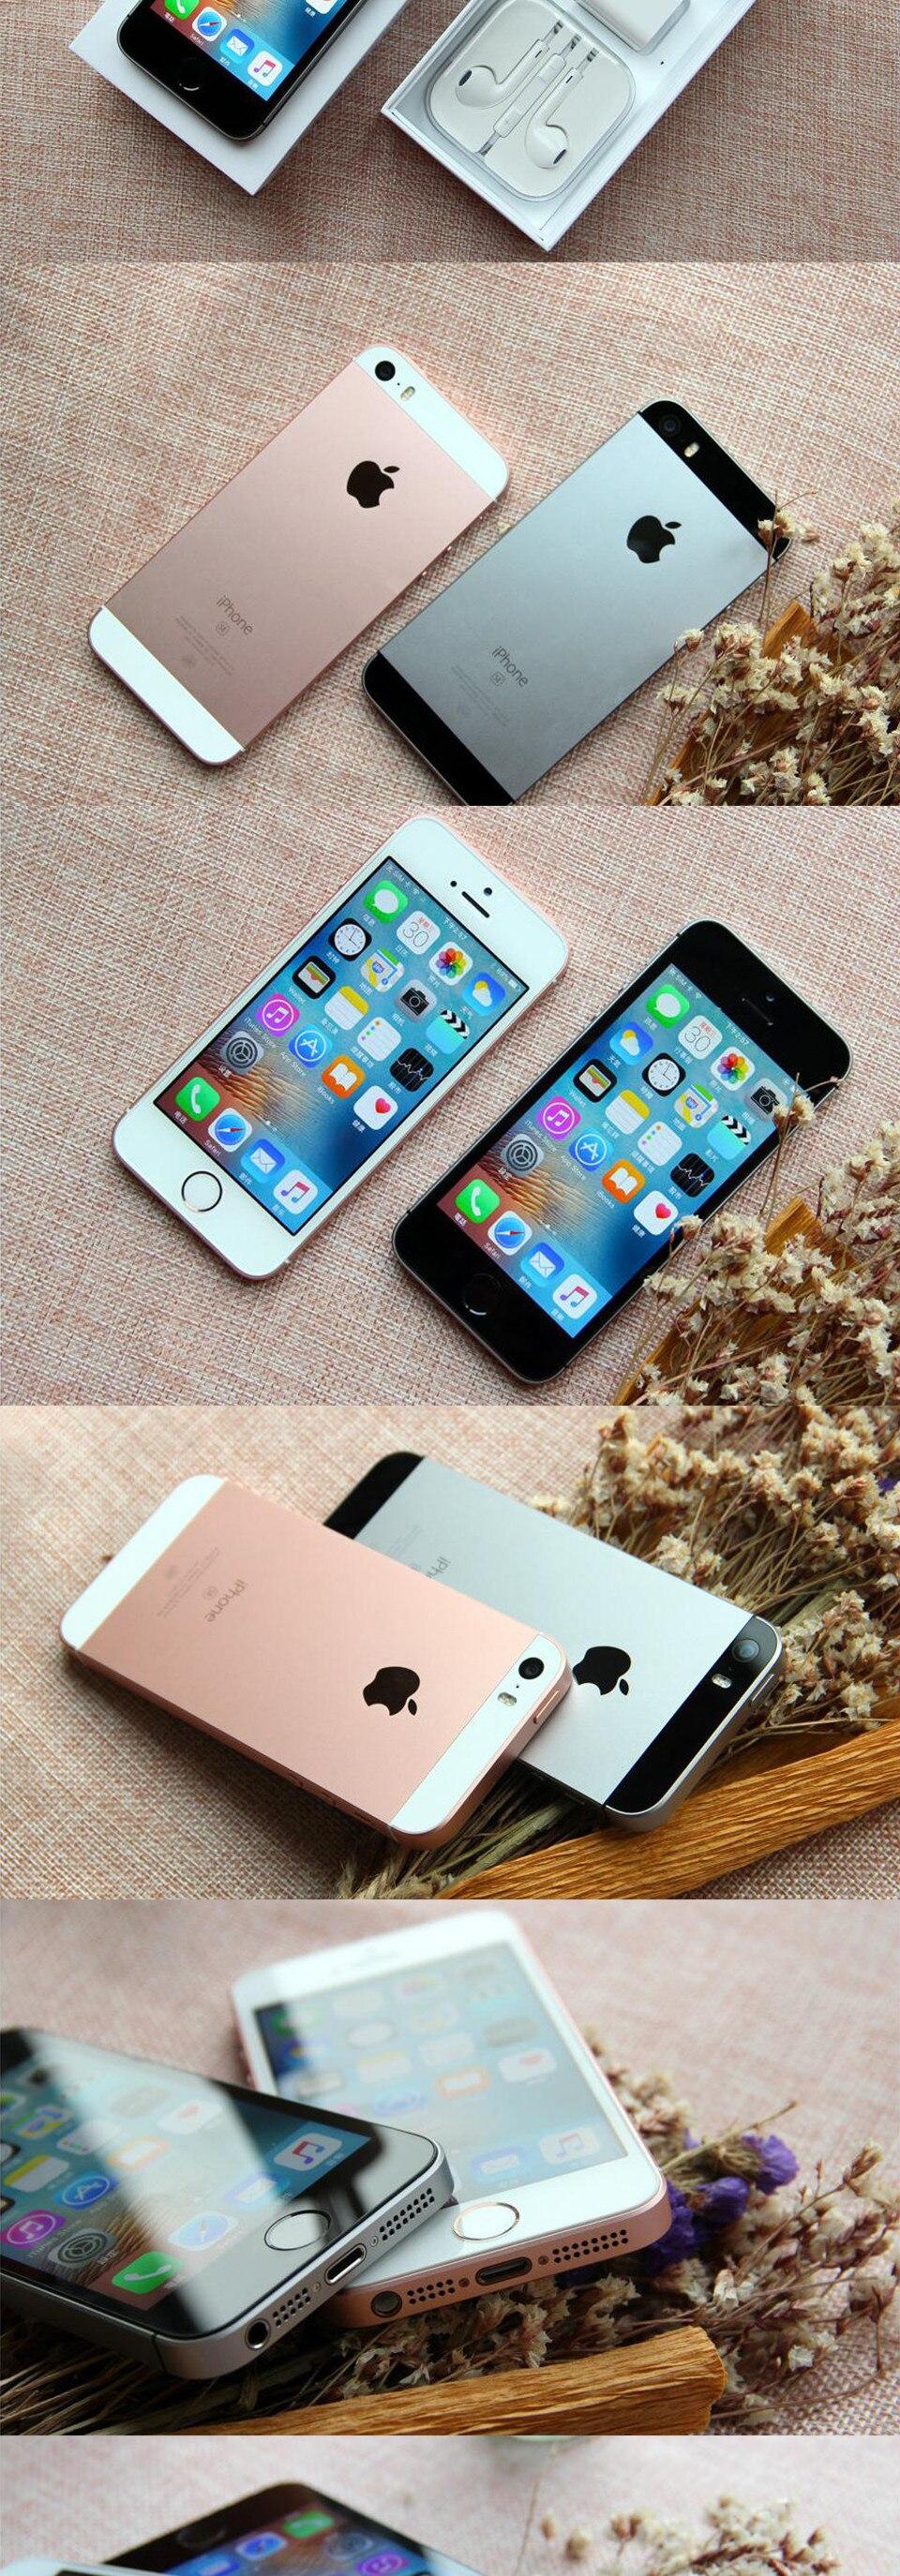 Разблокированный Apple iphone SE, мобильный телефон, 4 аппарат не привязан к оператору сотовой связи 4,0 '2 Гб Оперативная память 16/64GB Встроенная память A9 двухъядерный за счет сканера отпечатков пальцев Подержанный мобильный телефон iphone se